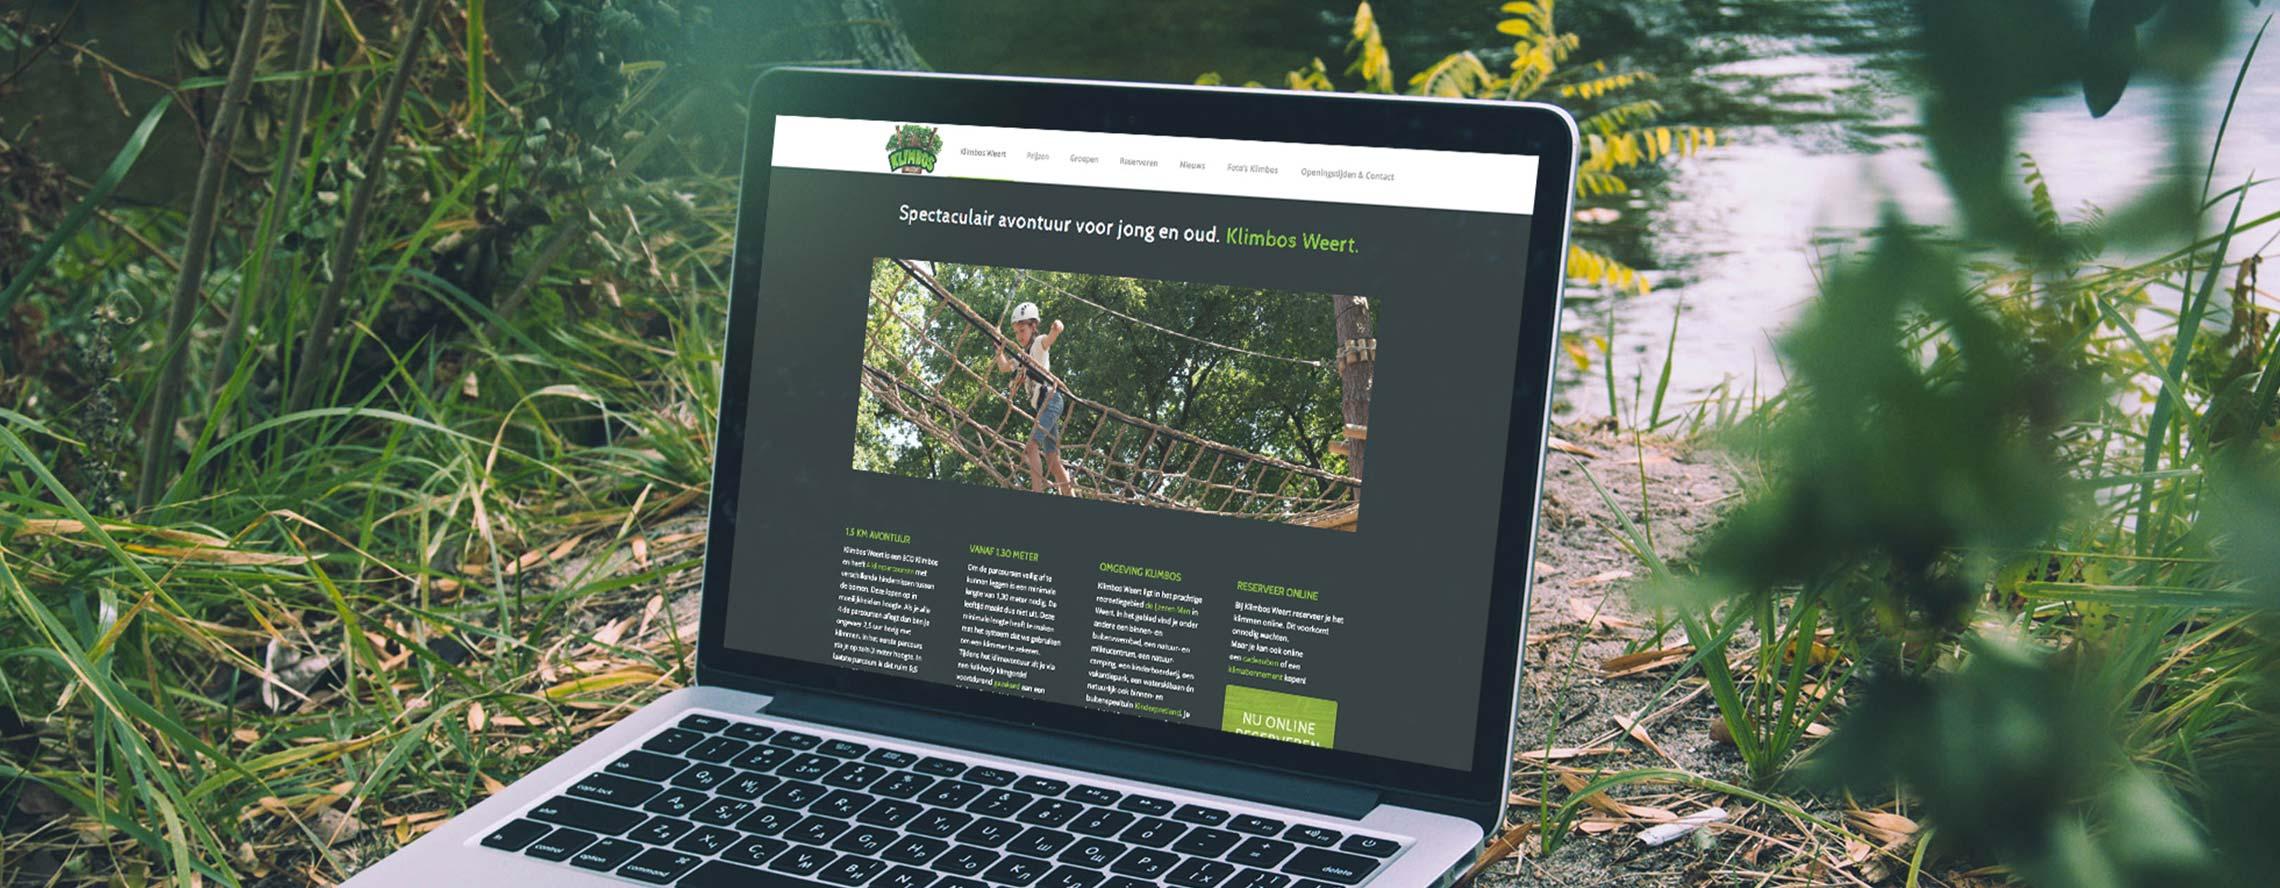 recreatie website klimbos weert